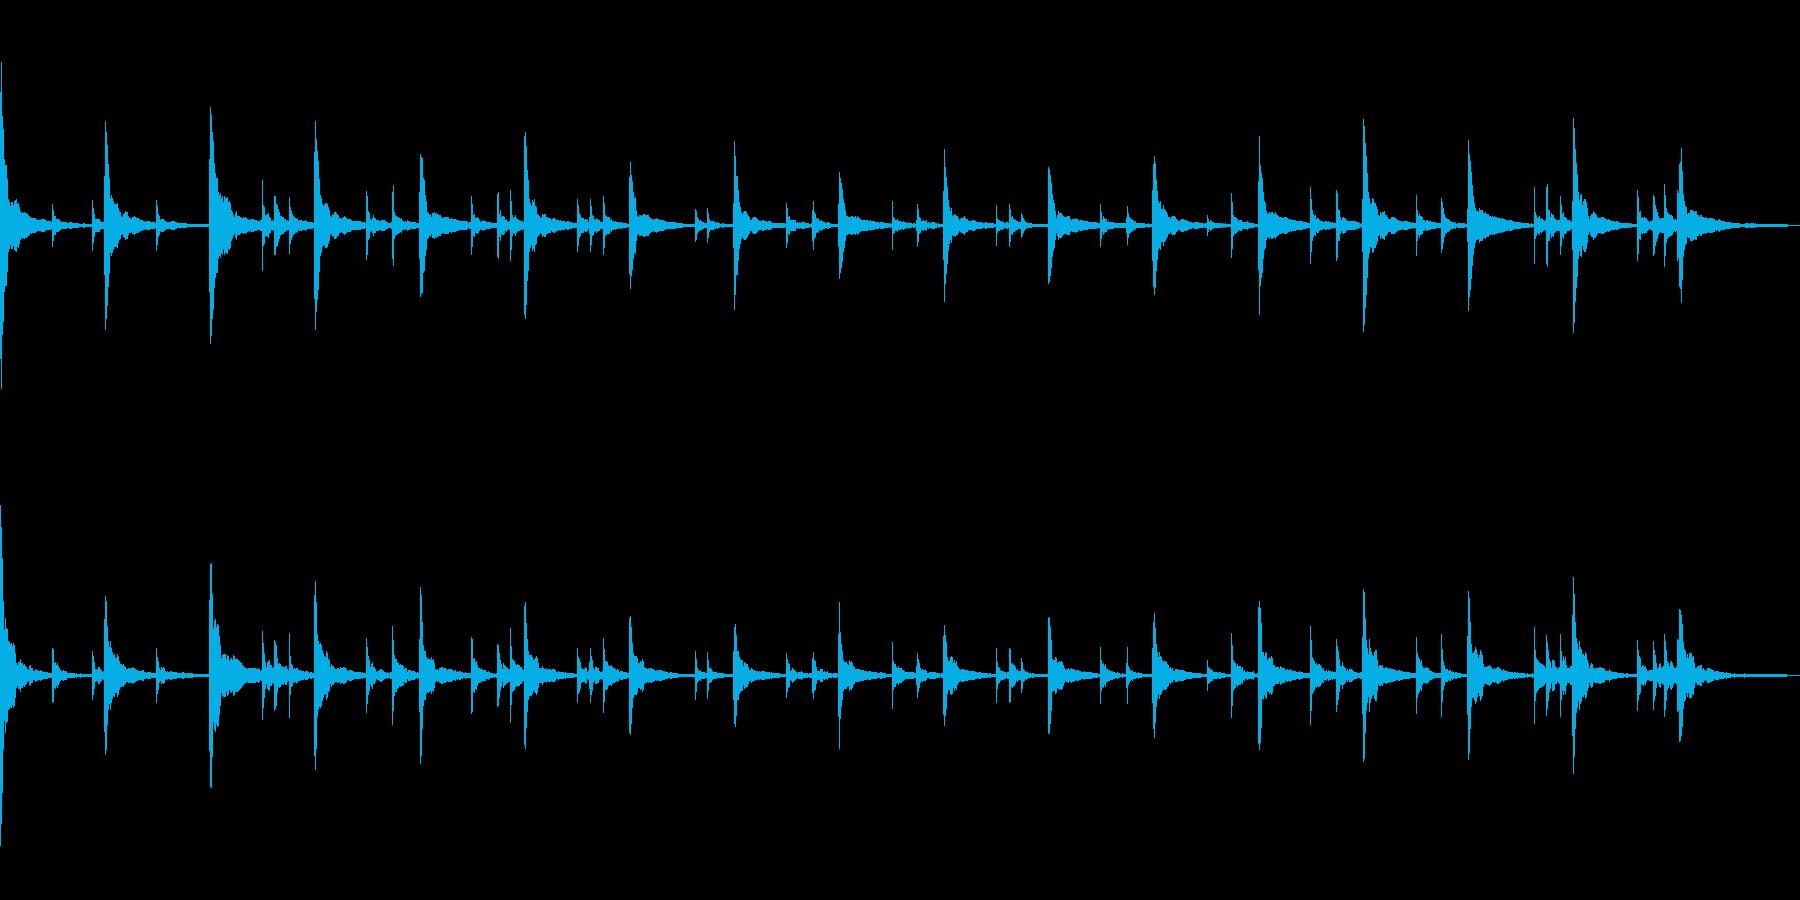 ドキュメンタリー風ピアノソロの再生済みの波形